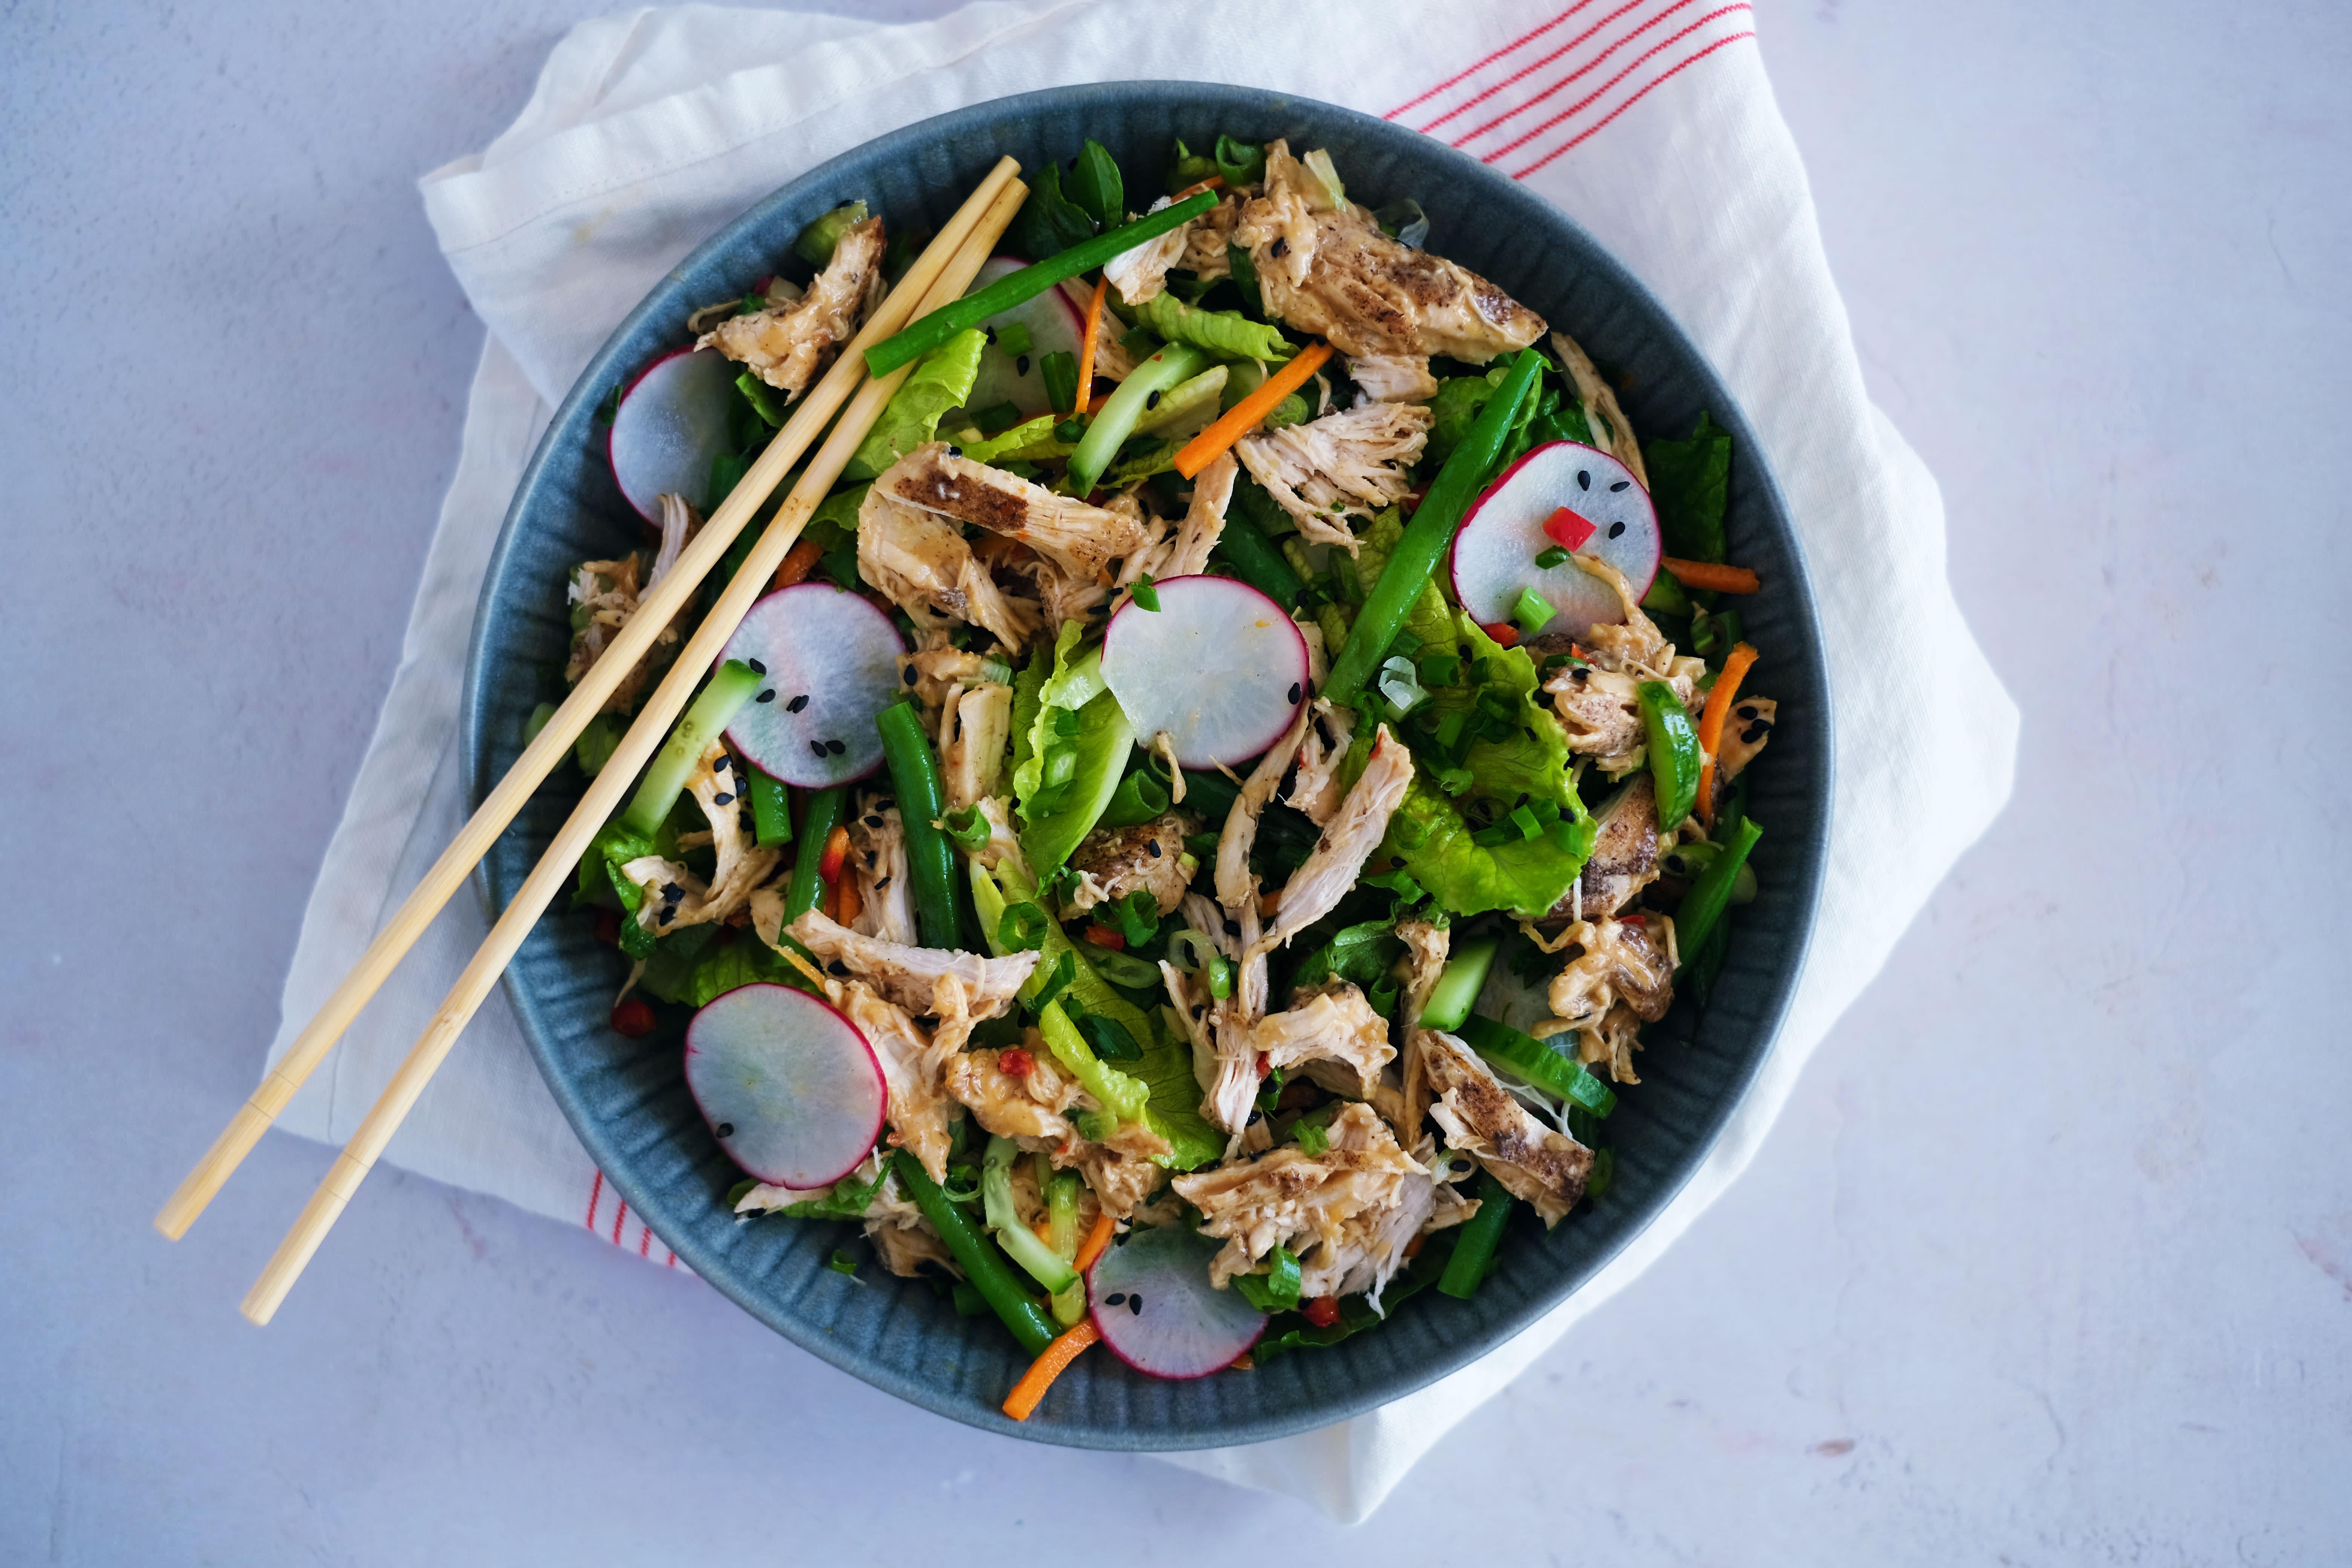 Bang Bang Chicken Salad with Green Beans and Radish